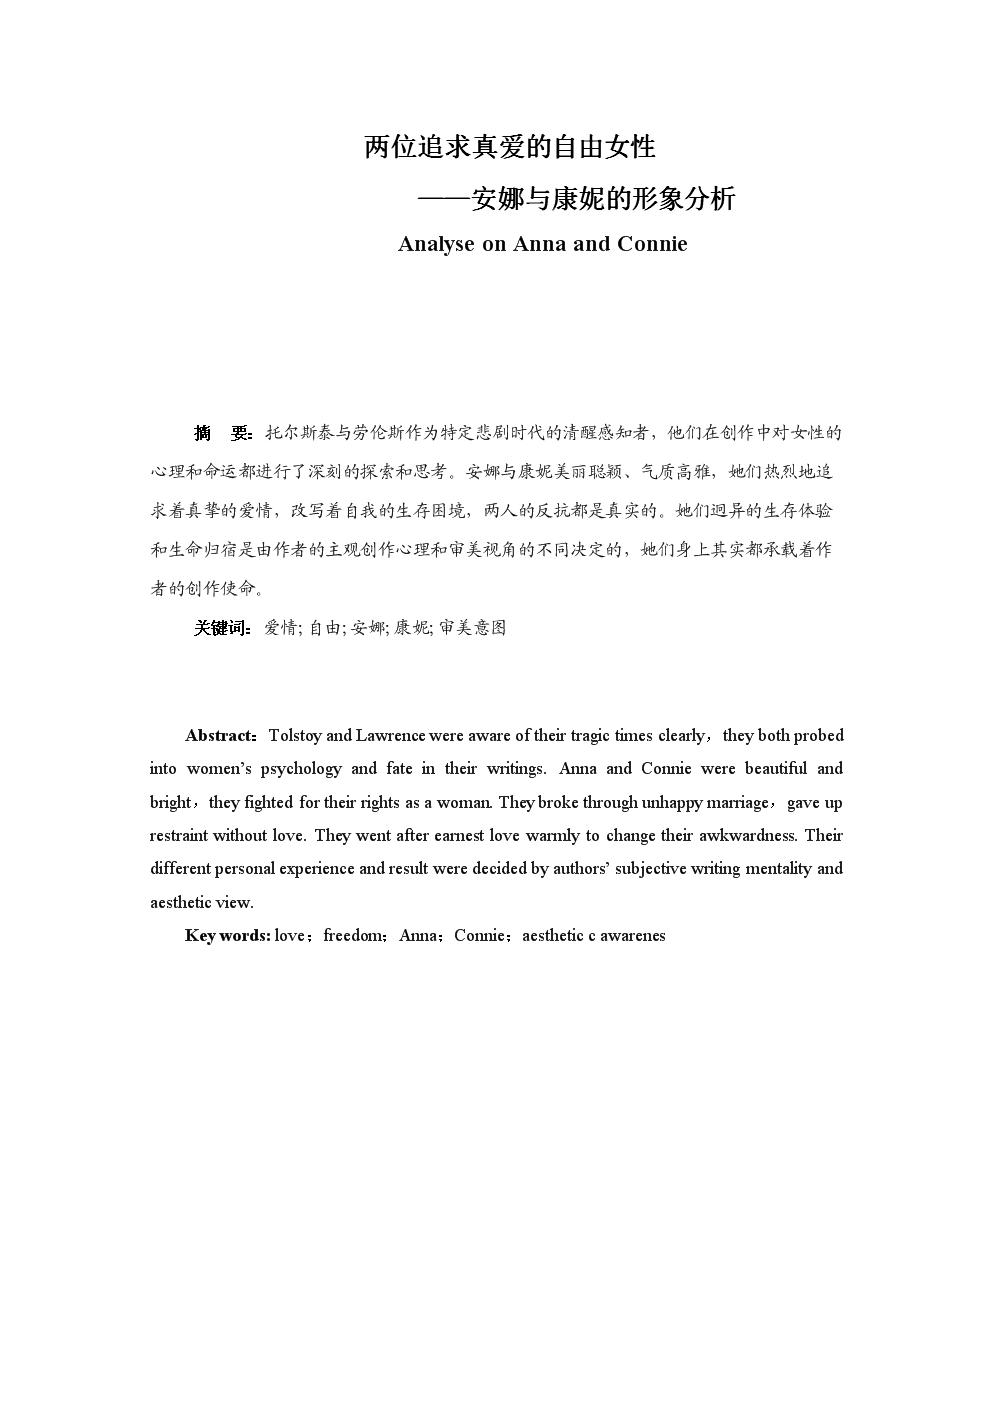 托尔斯泰与劳伦斯作品中安娜与康妮的形象分析(毕业论文).doc